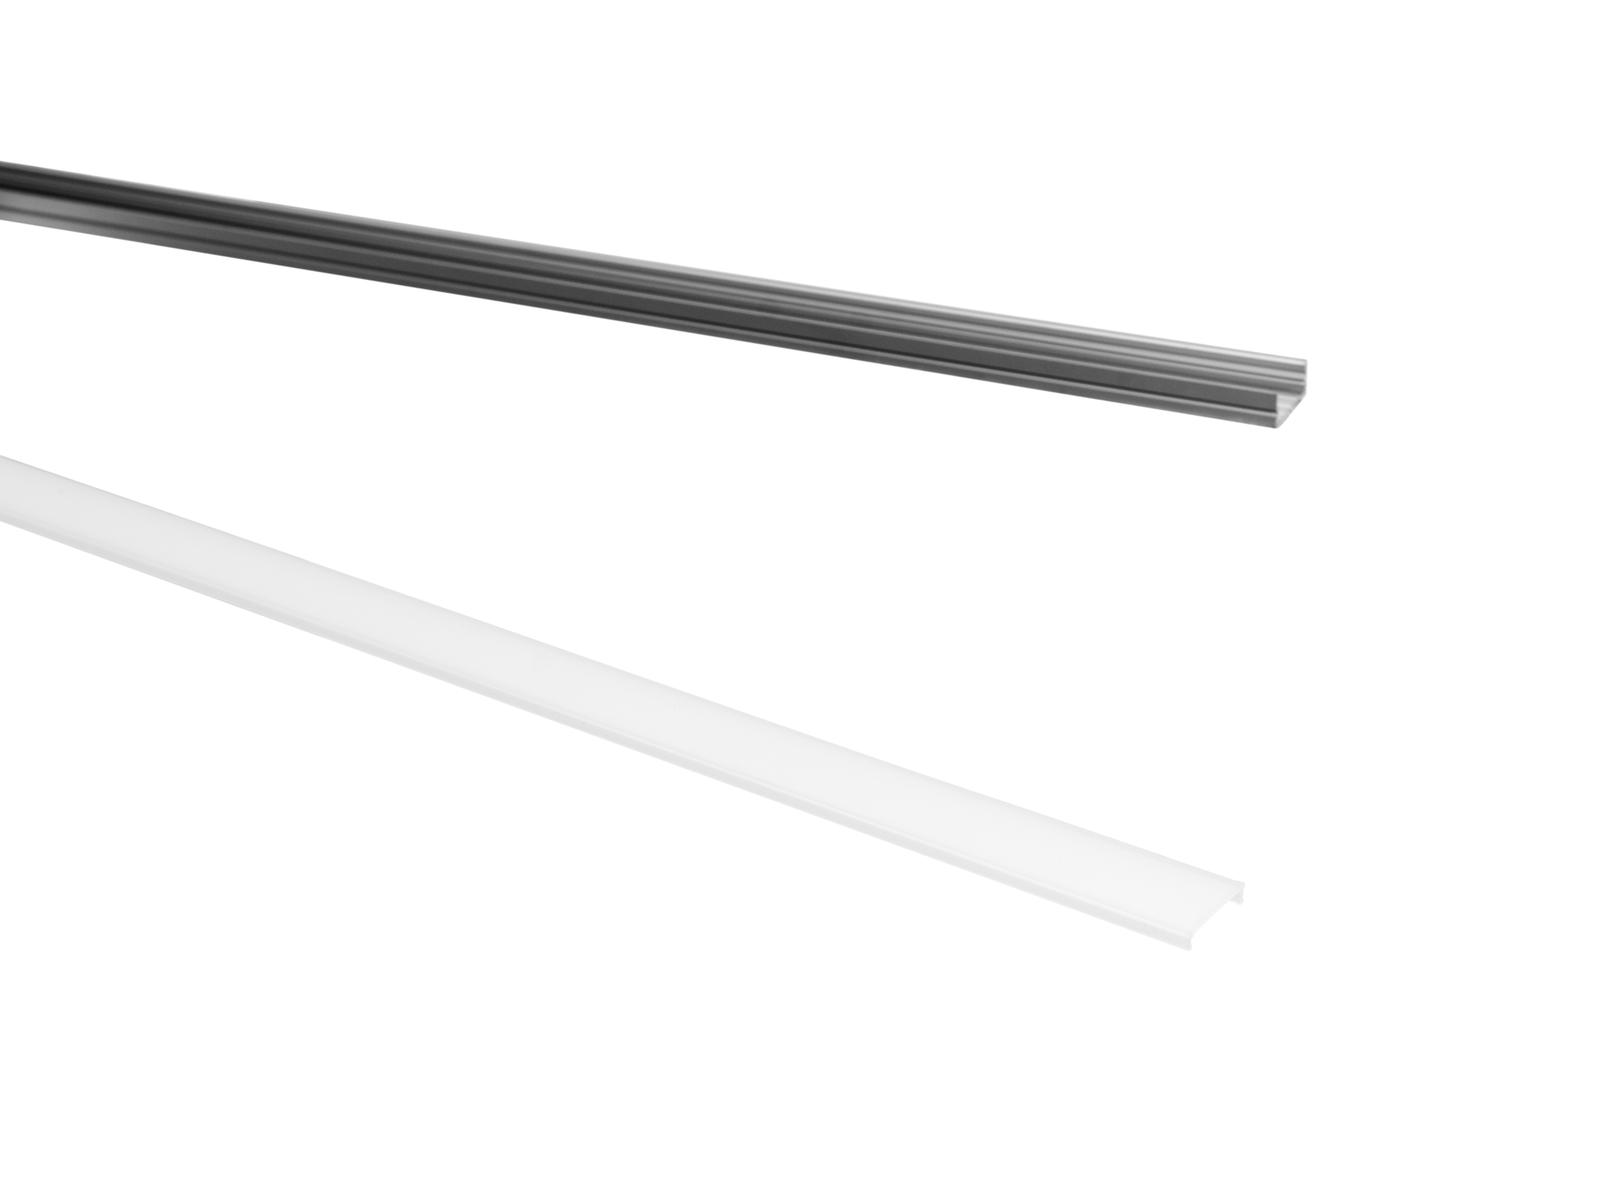 Eurolite krytka pro U profil 20 mm pro LED pásky, mléčná, 2m